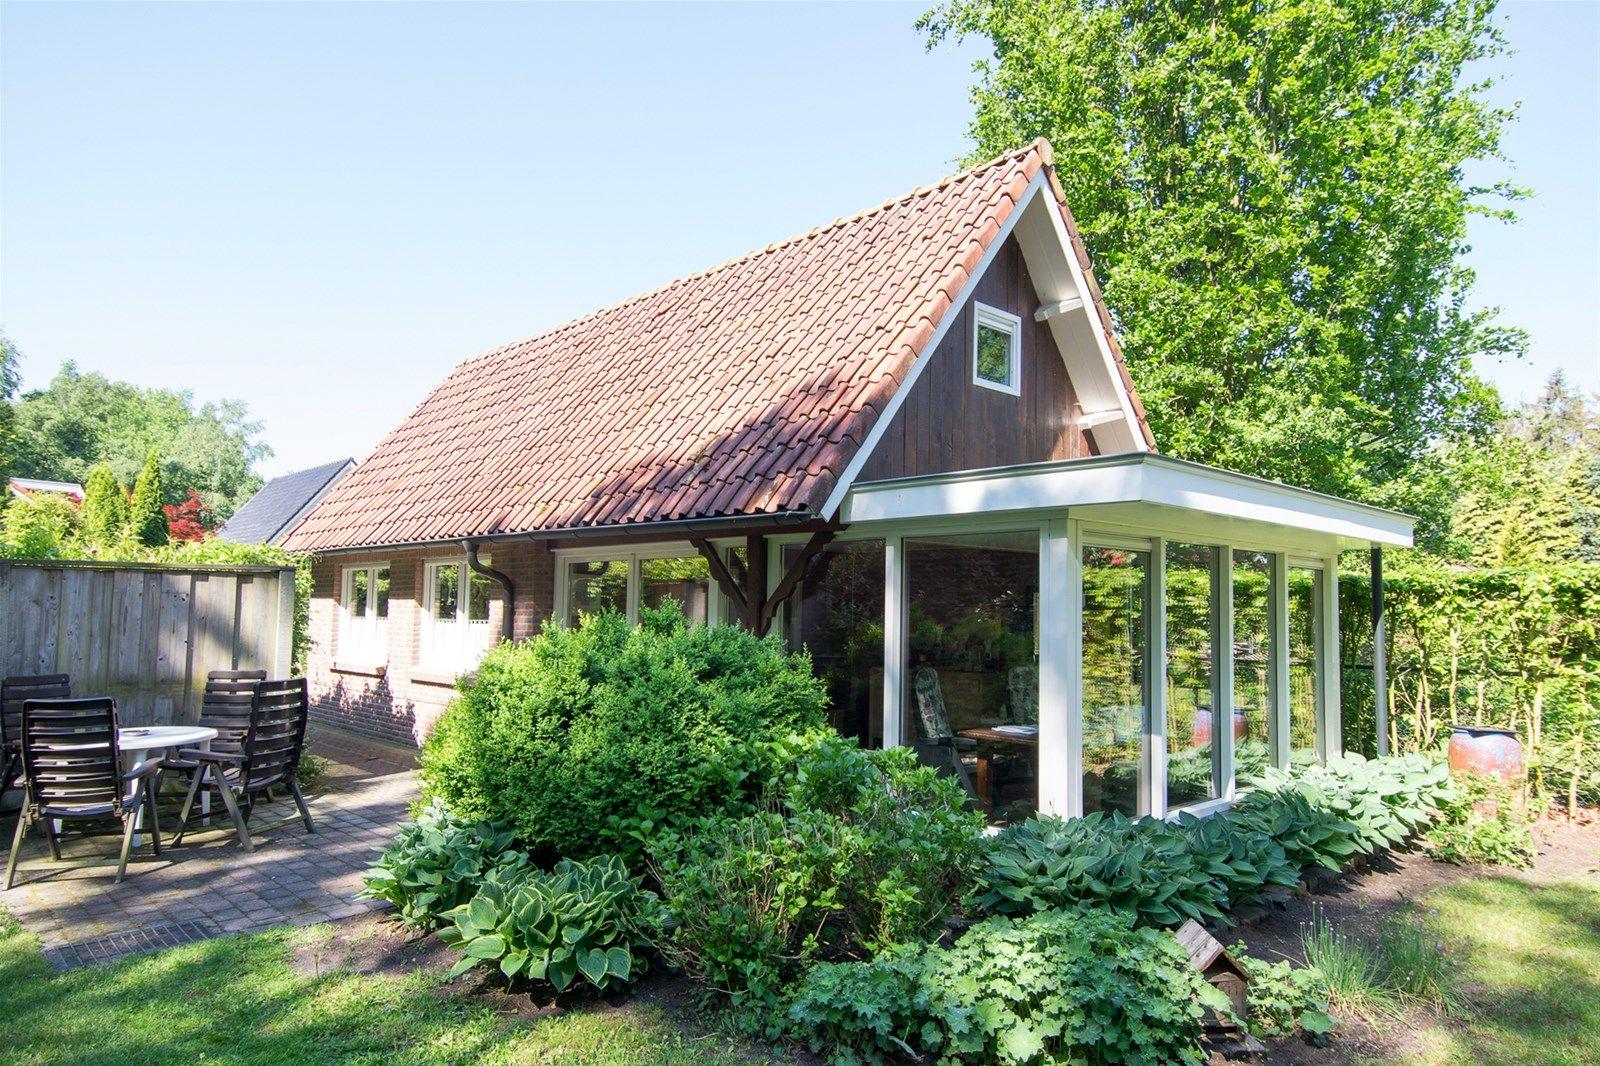 Kerkhofweg 269, Overdinkel